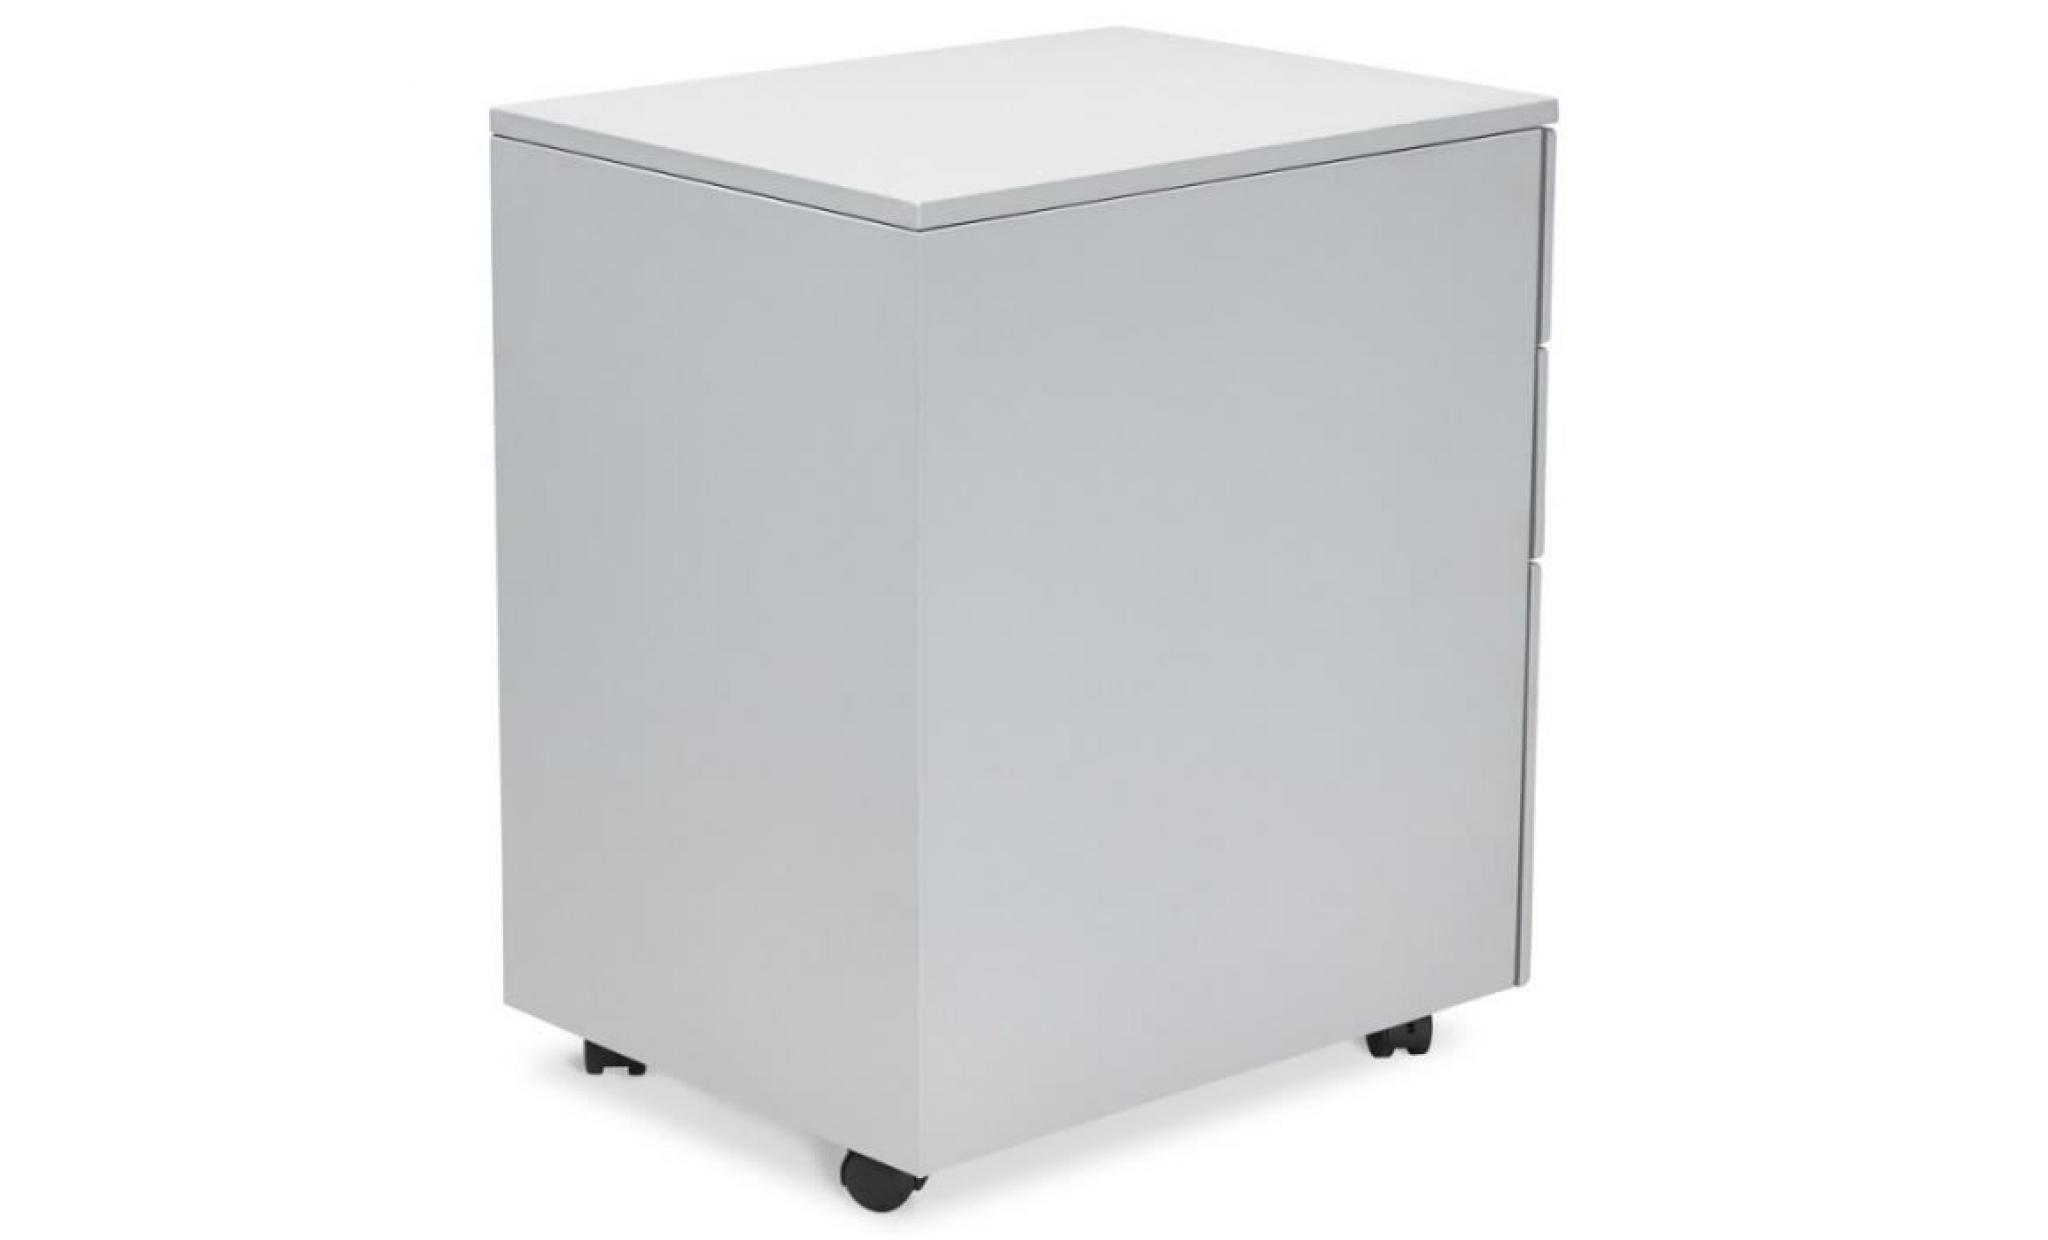 doc pratique ses et de mathias est serrure tiroirs sa à vous vos protéger grâce roulettes 3 caisson permettra de bureau ce design 0OZXNnwPk8